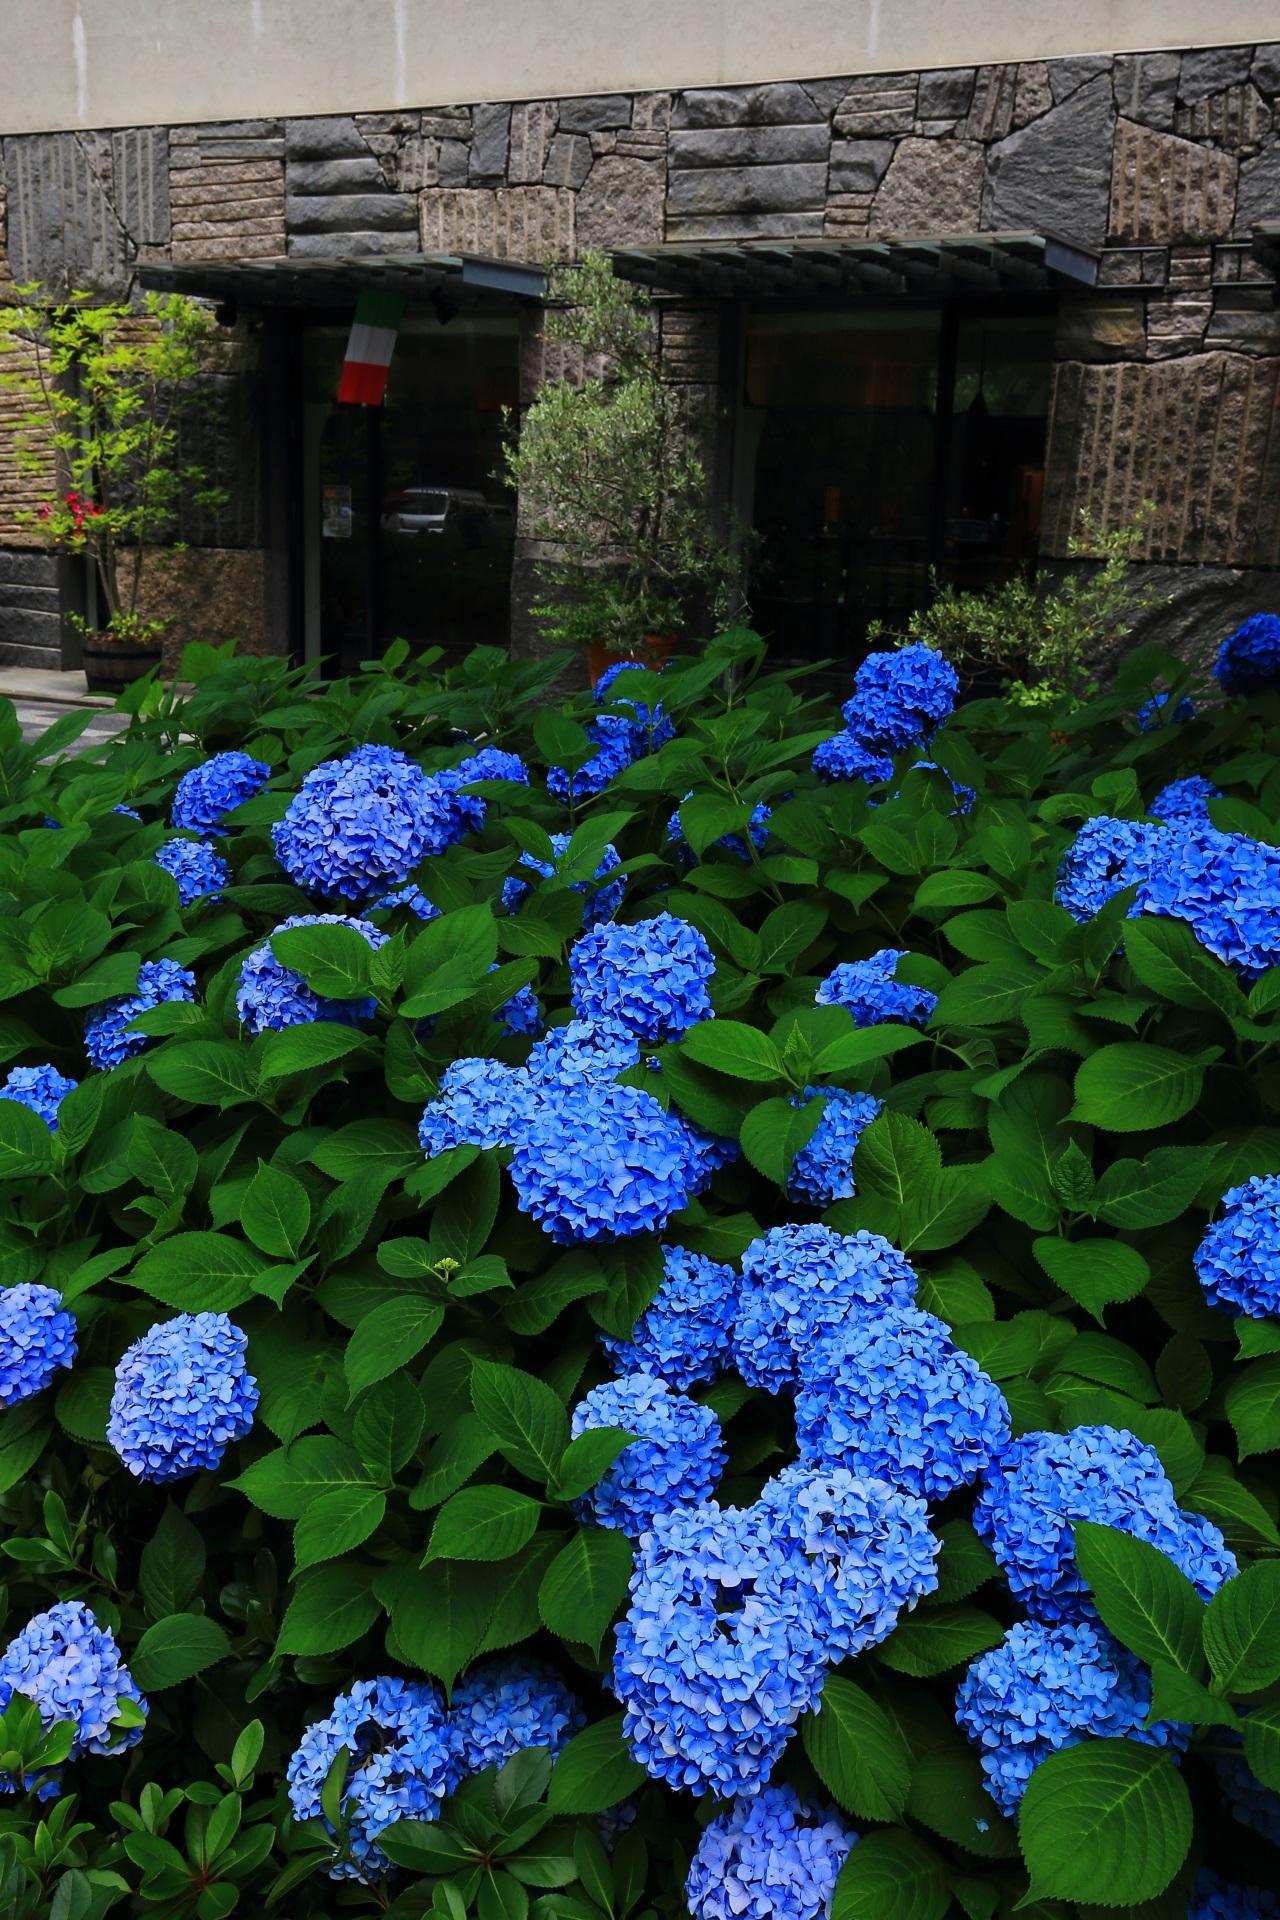 お洒落な石造りの建物の前で優雅に咲く紫陽花